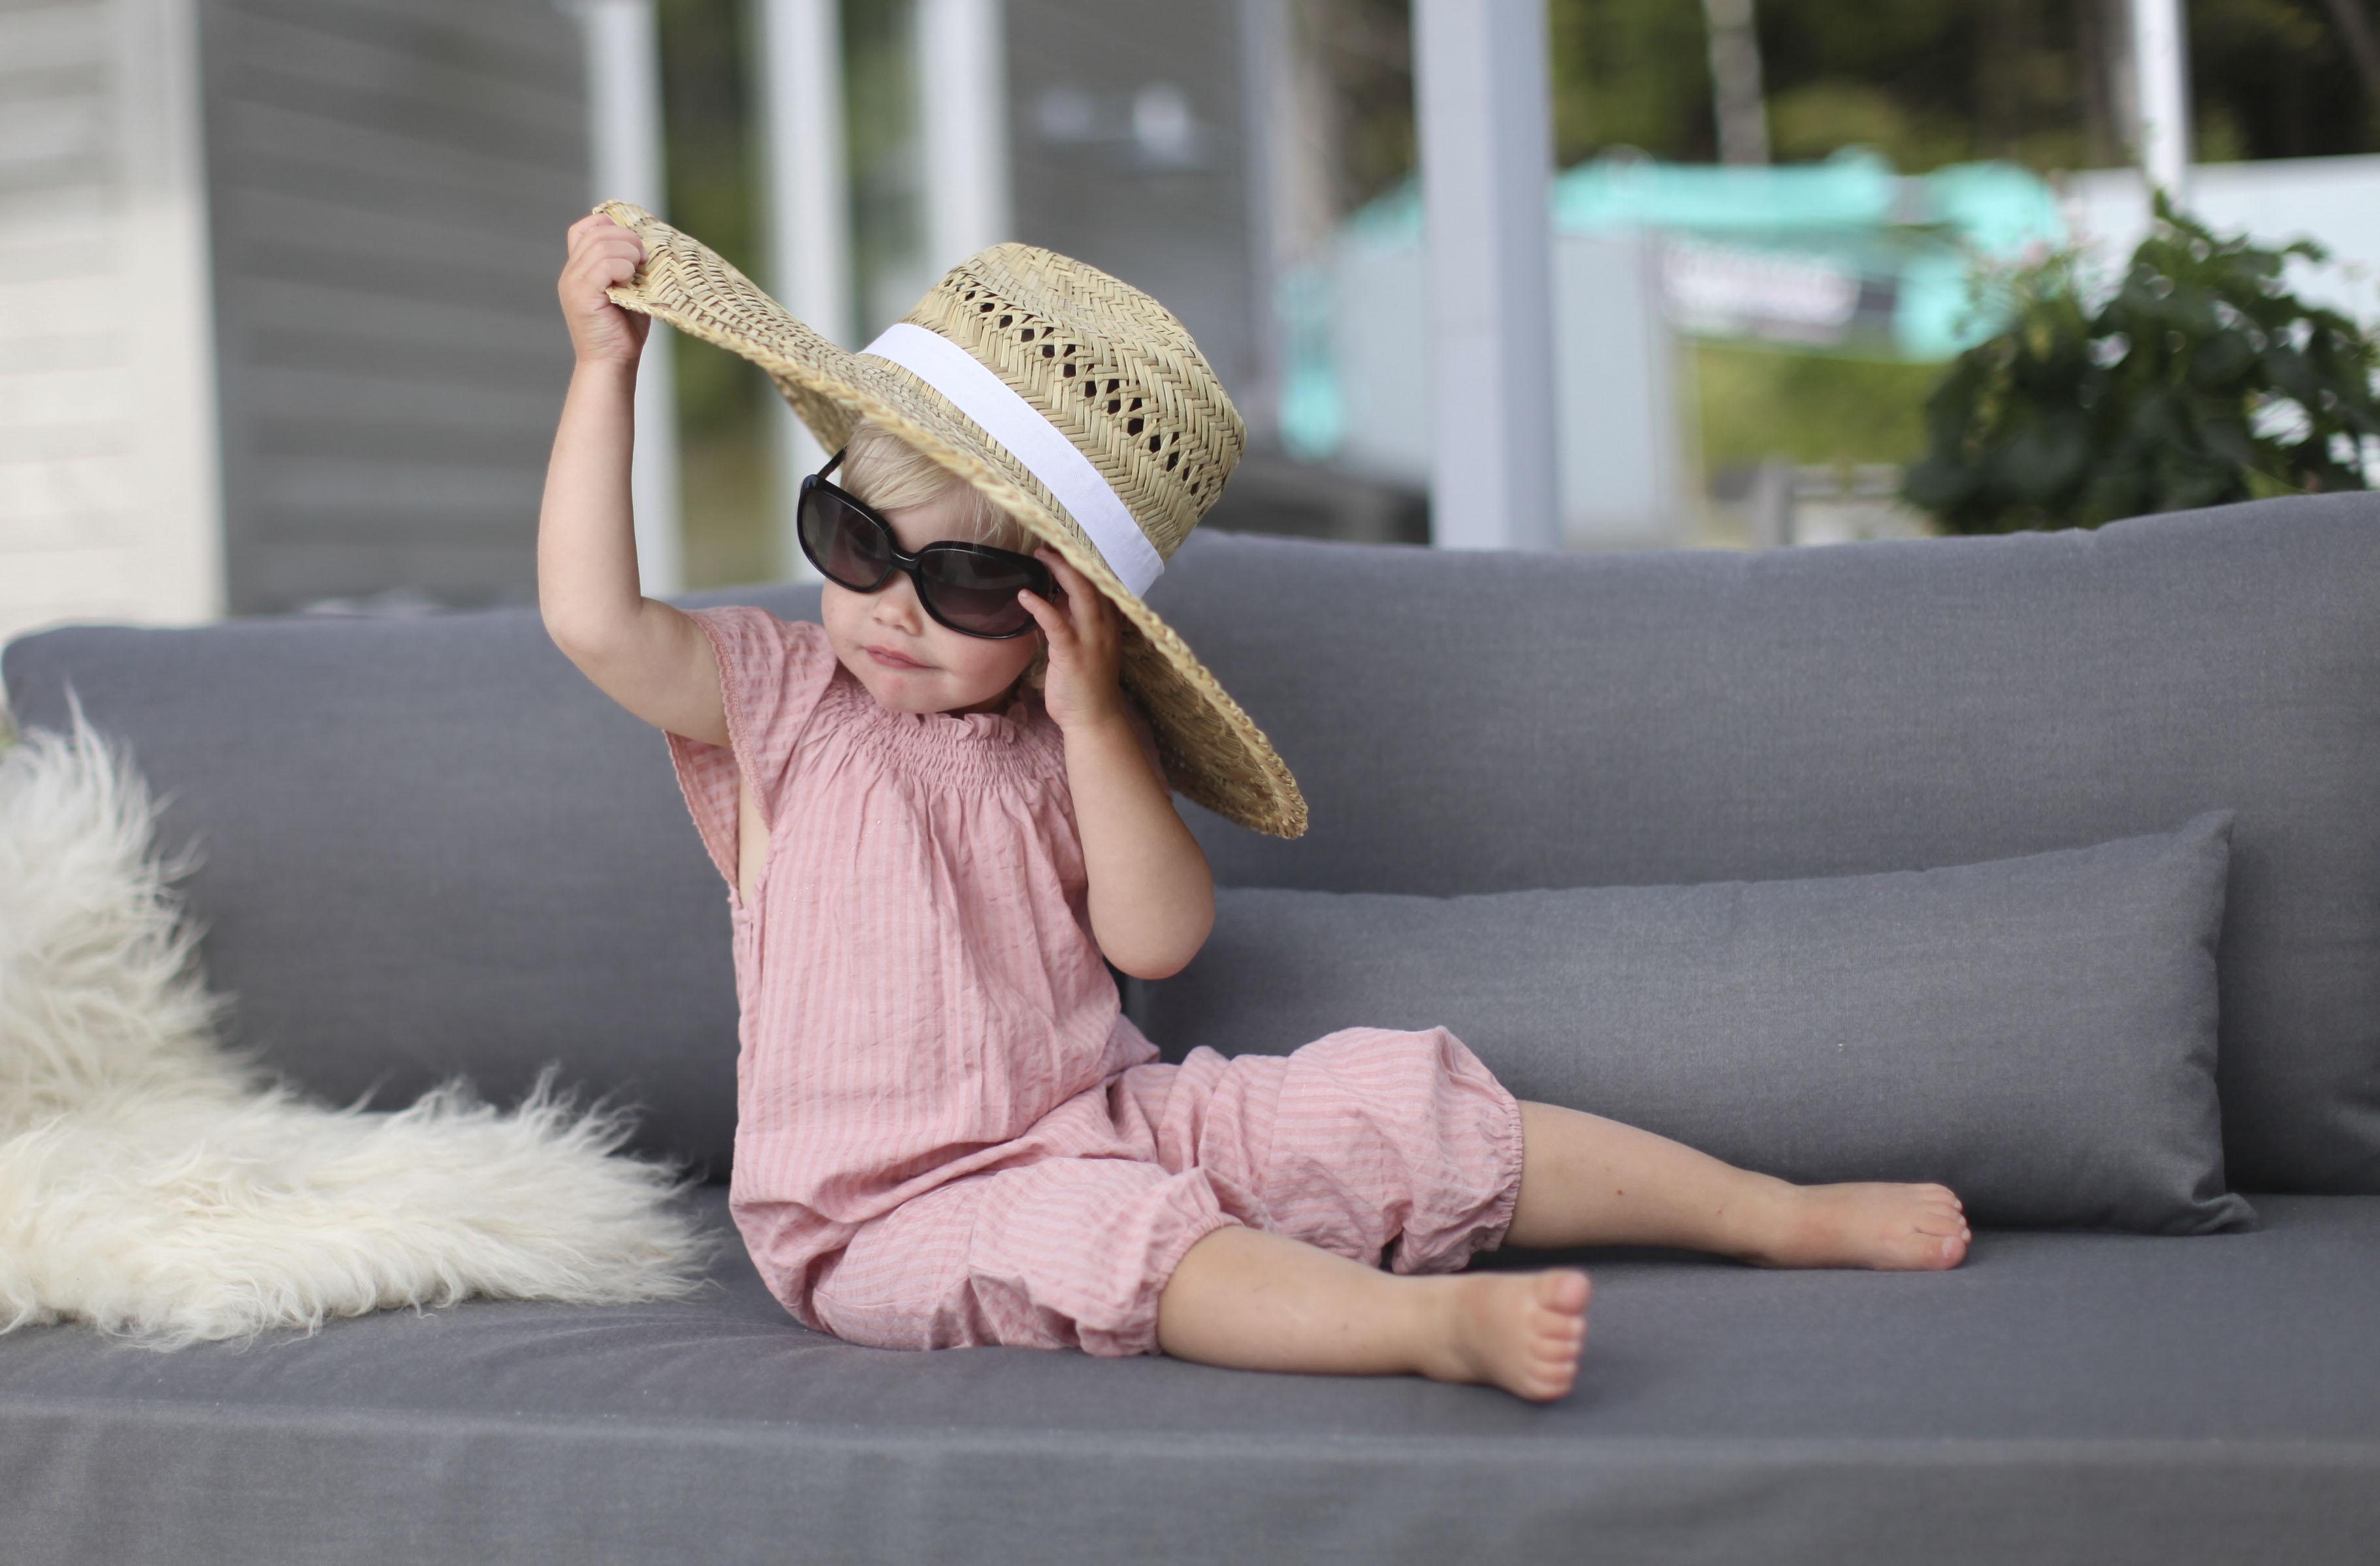 Hagemøbler og utemøbler fra Fine Design. En ung jente sitter i en hagesofa med en stor solhatt og solbriller.